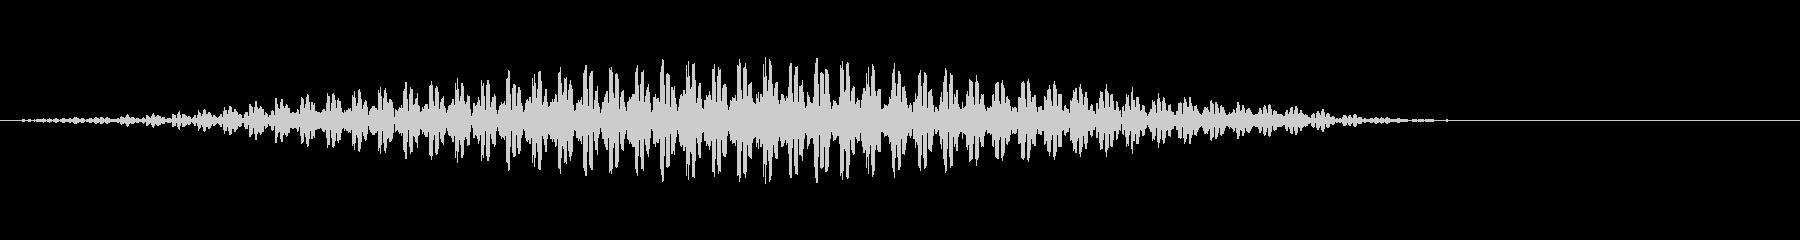 ウシガエル(牛蛙)の鳴き声 生音の未再生の波形